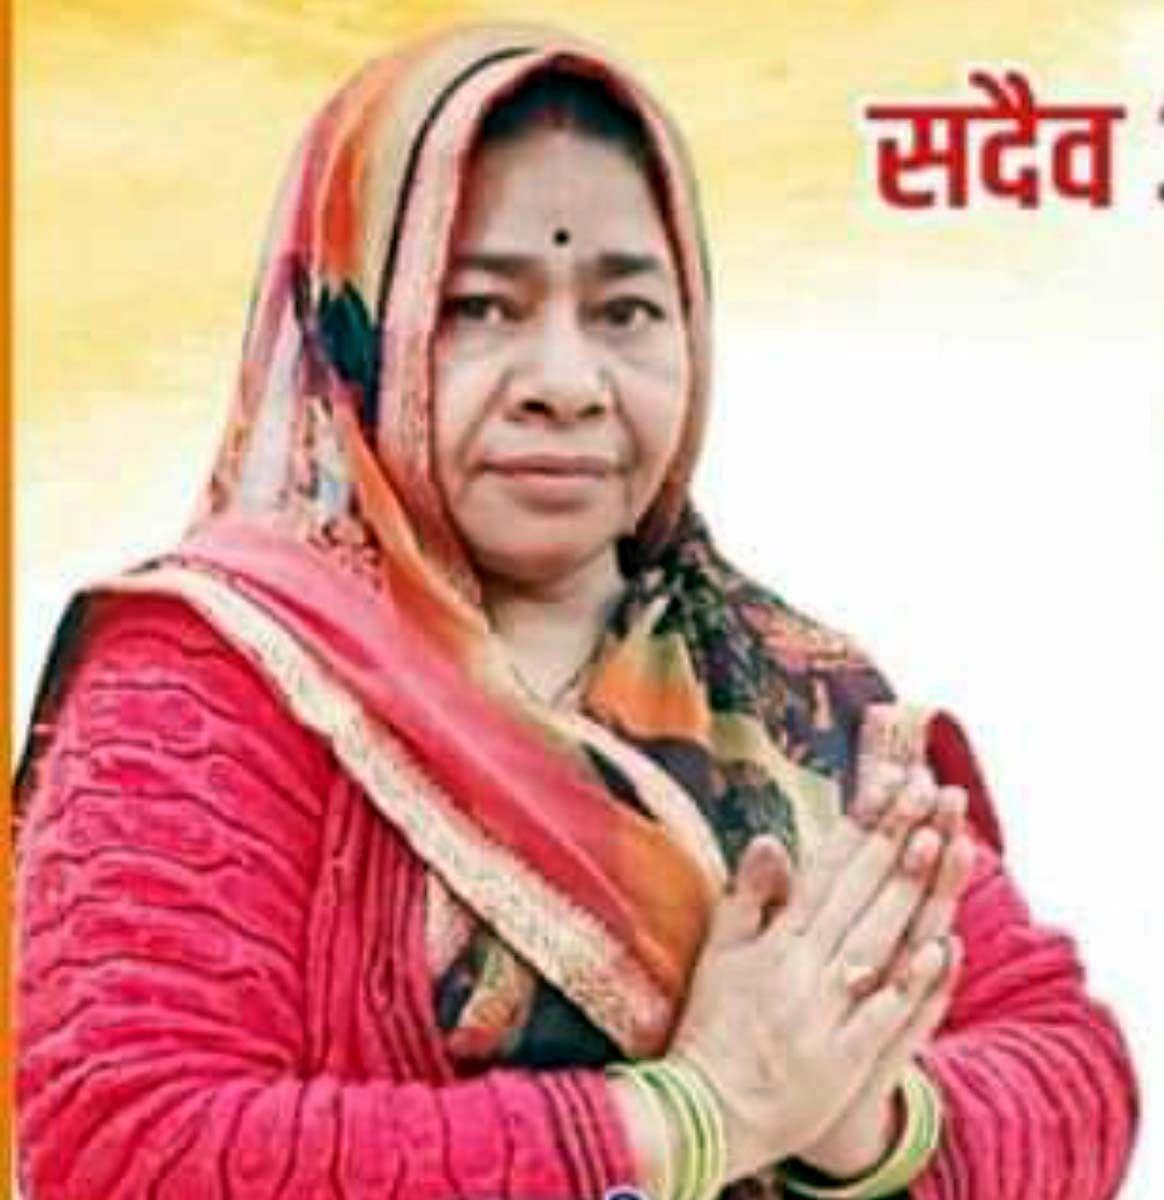 धौलपुर में माया शर्मा उप सभापति निर्वाचित